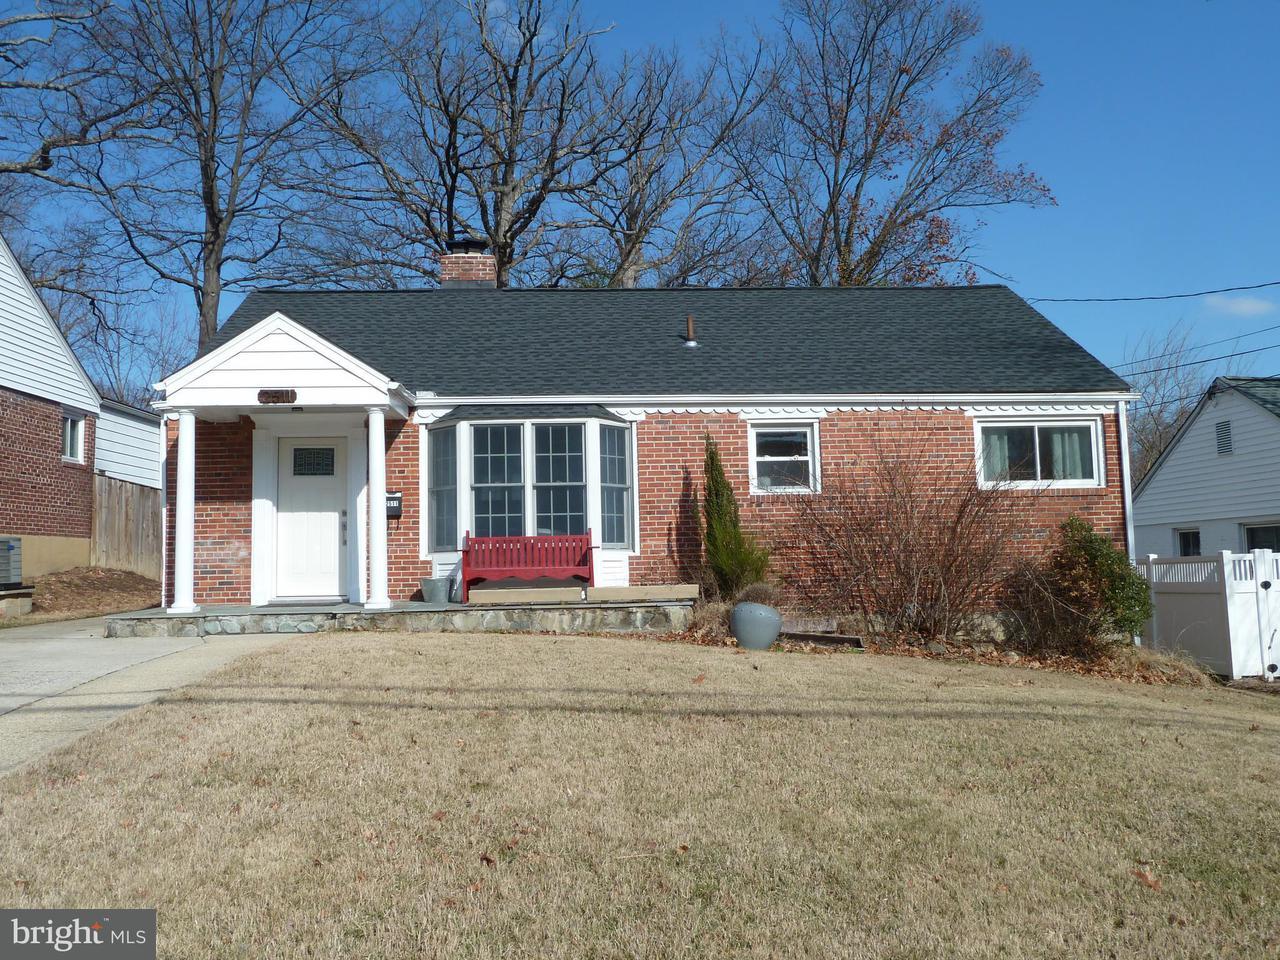 一戸建て のために 売買 アット 2511 Plyers Mill Road 2511 Plyers Mill Road Silver Spring, メリーランド 20902 アメリカ合衆国